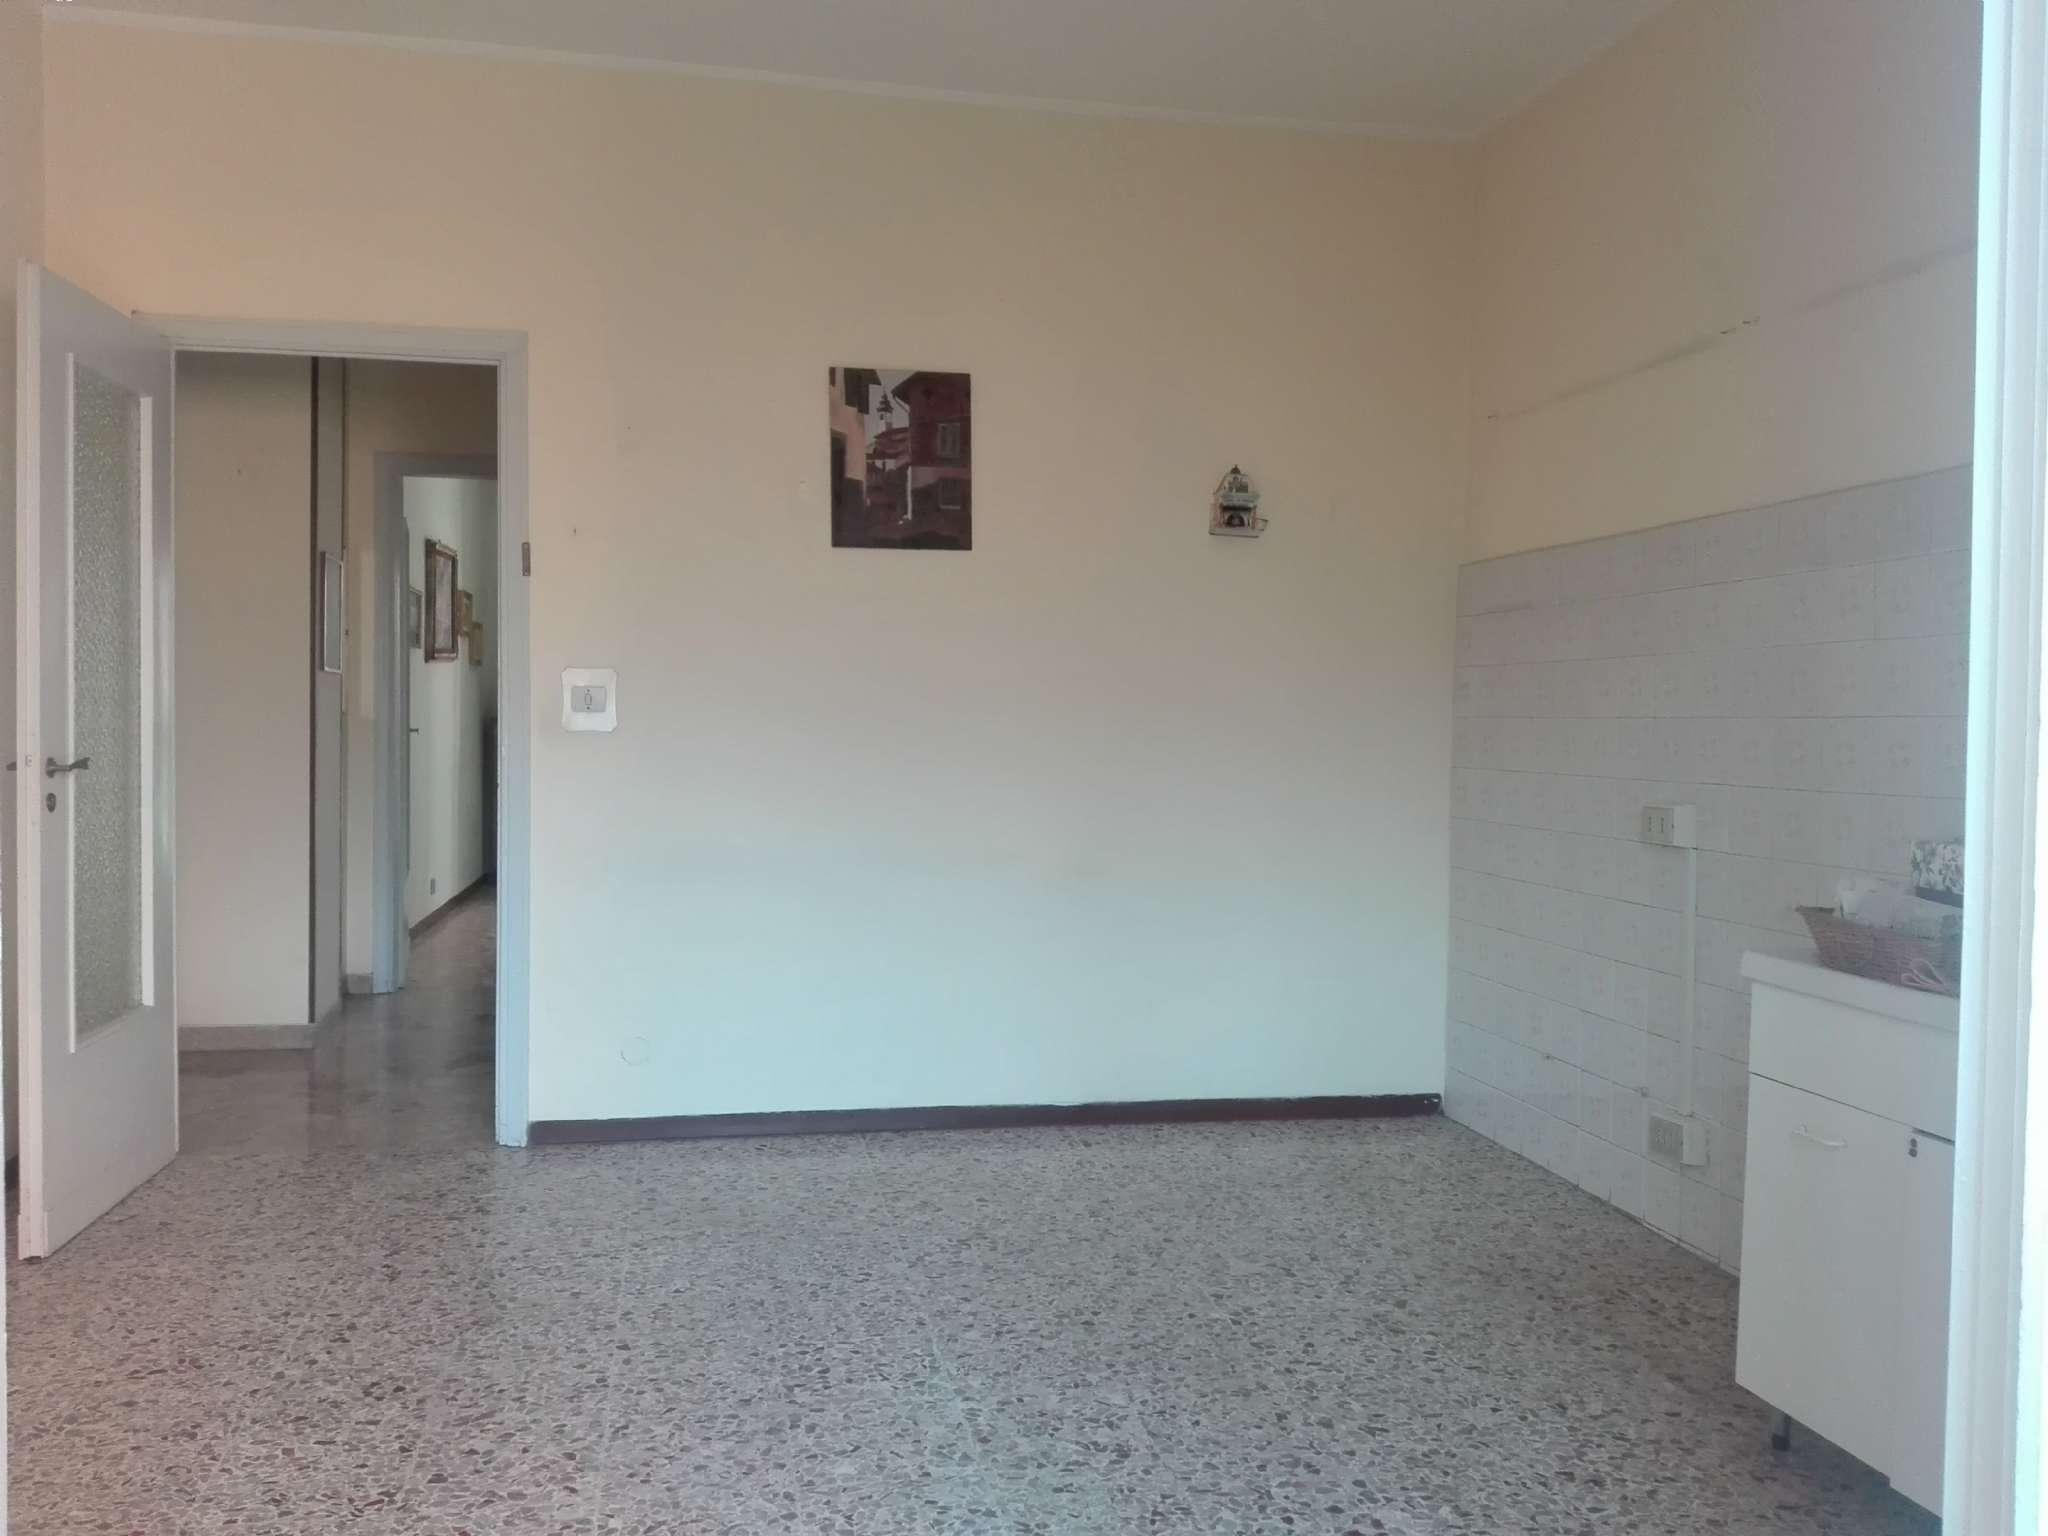 Appartamento in vendita a Chieri, 3 locali, prezzo € 62.000 | CambioCasa.it